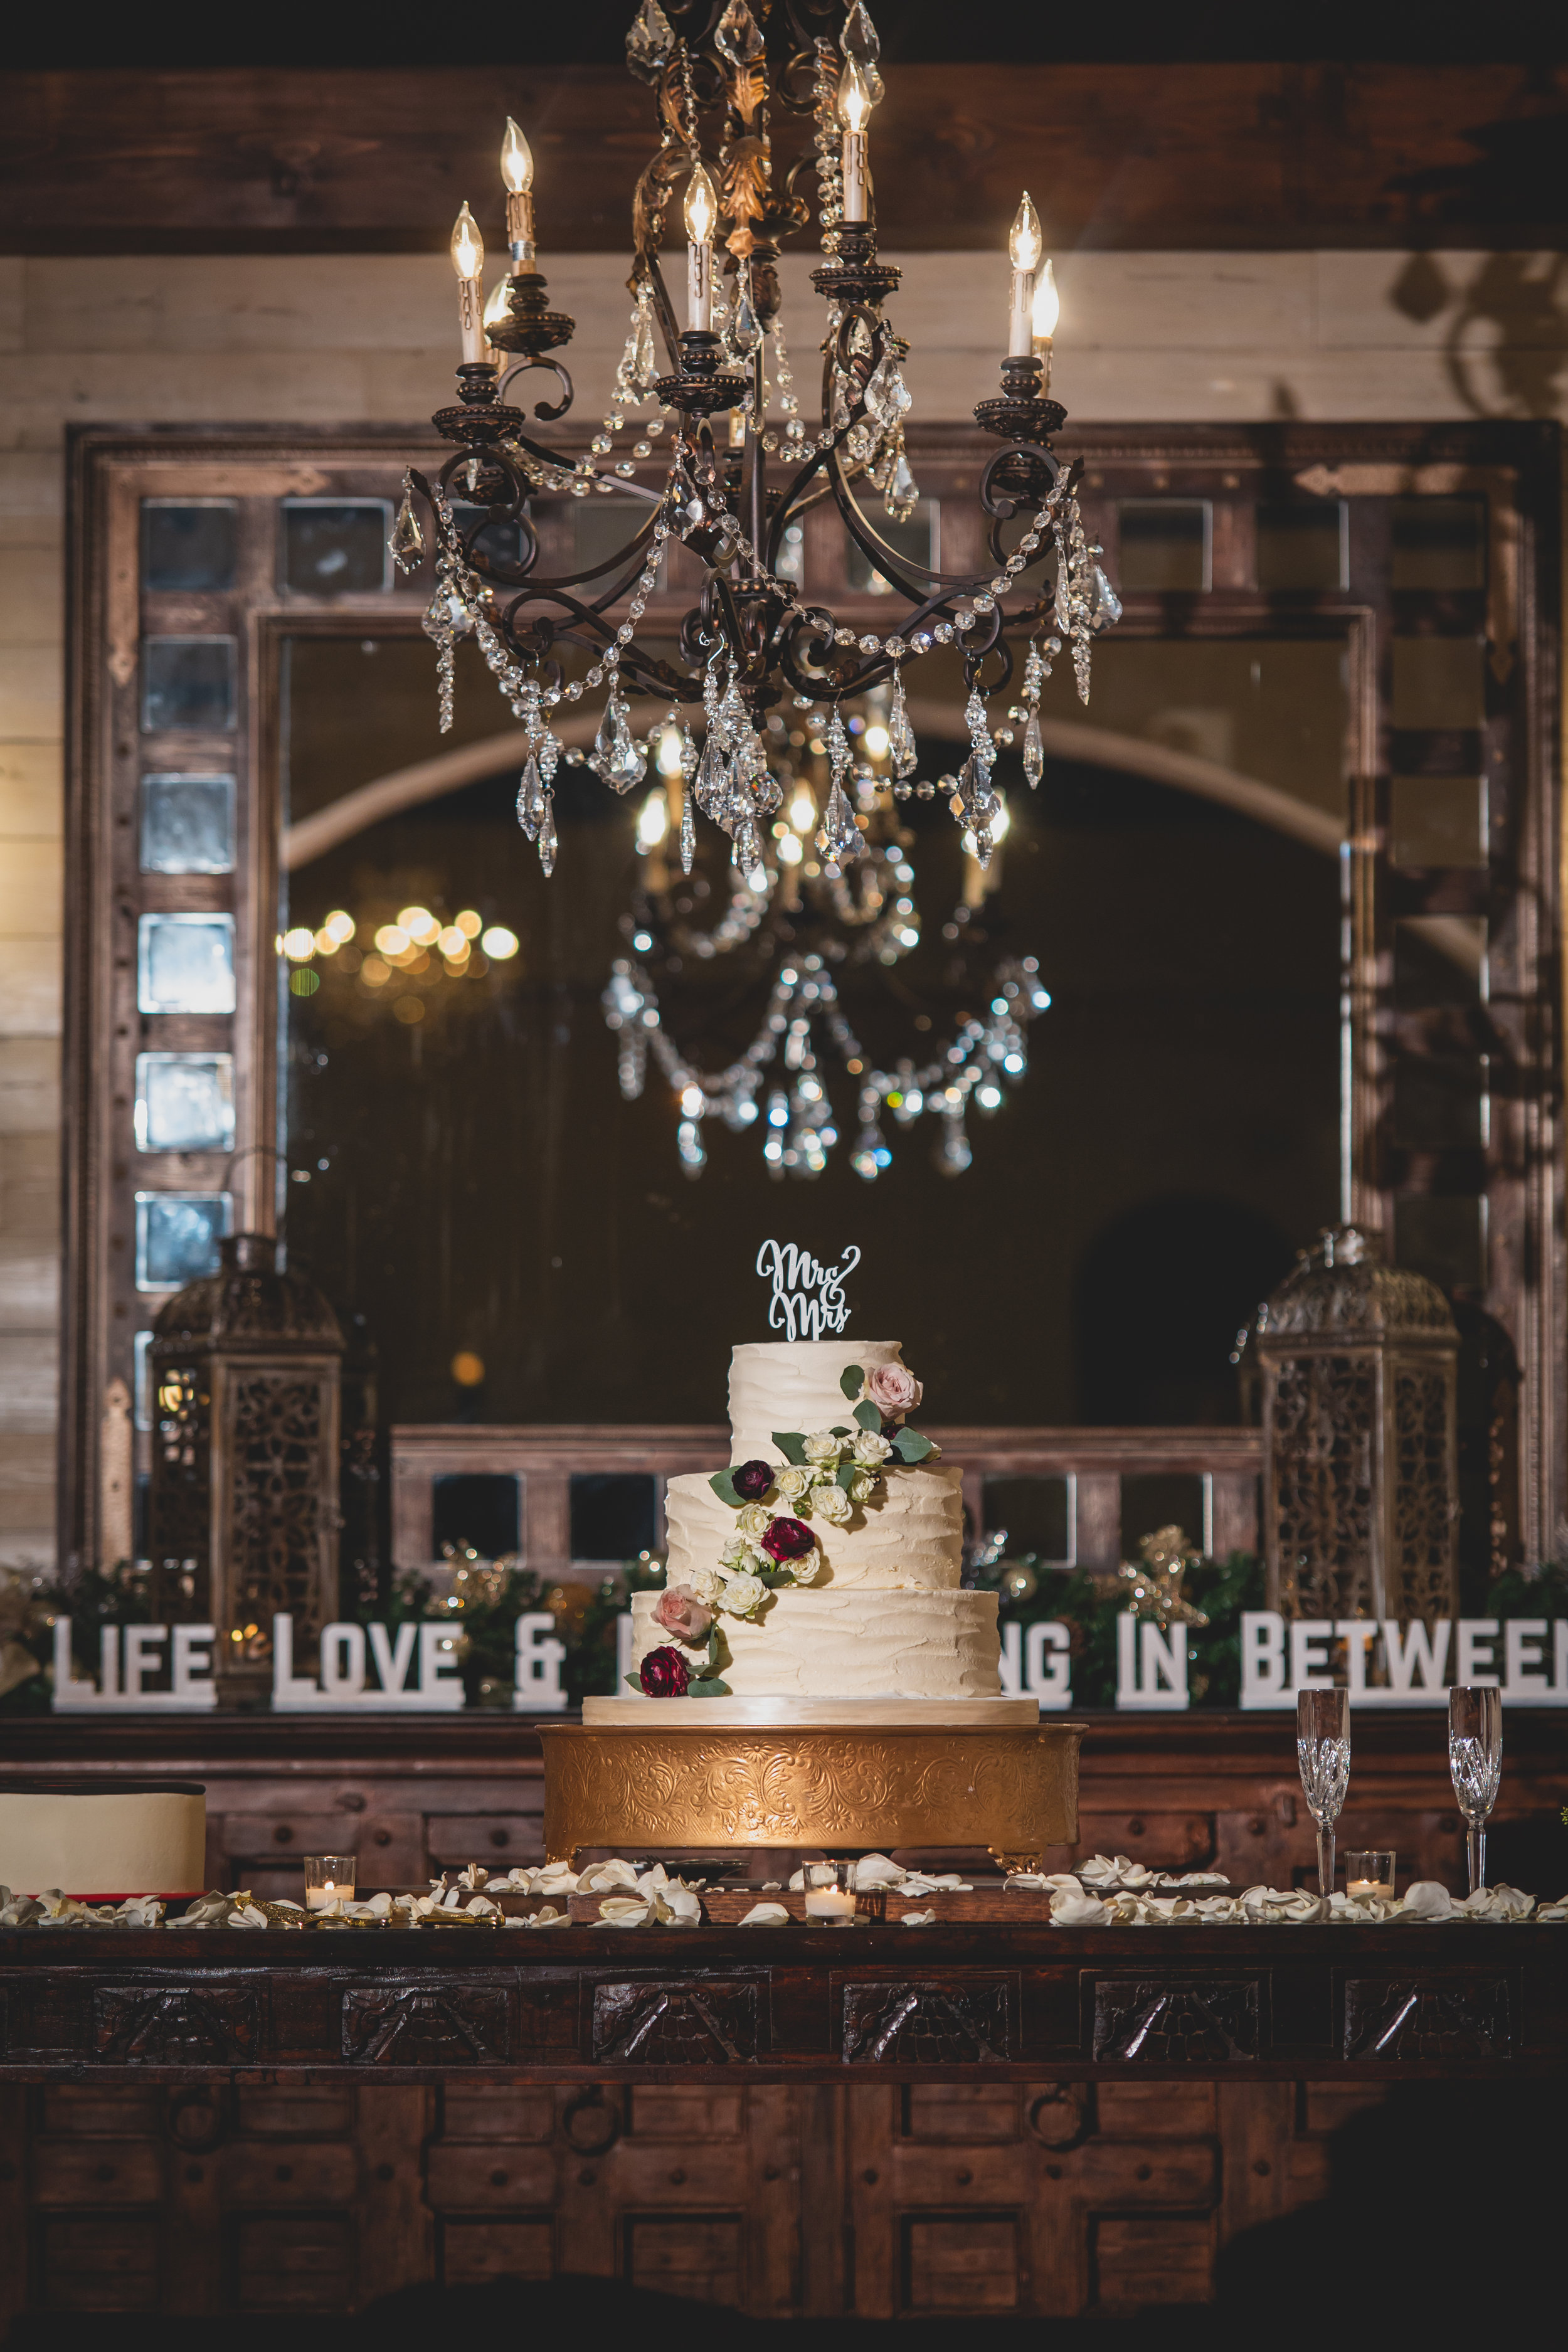 A three tiered white wedding cake under a chandelier.